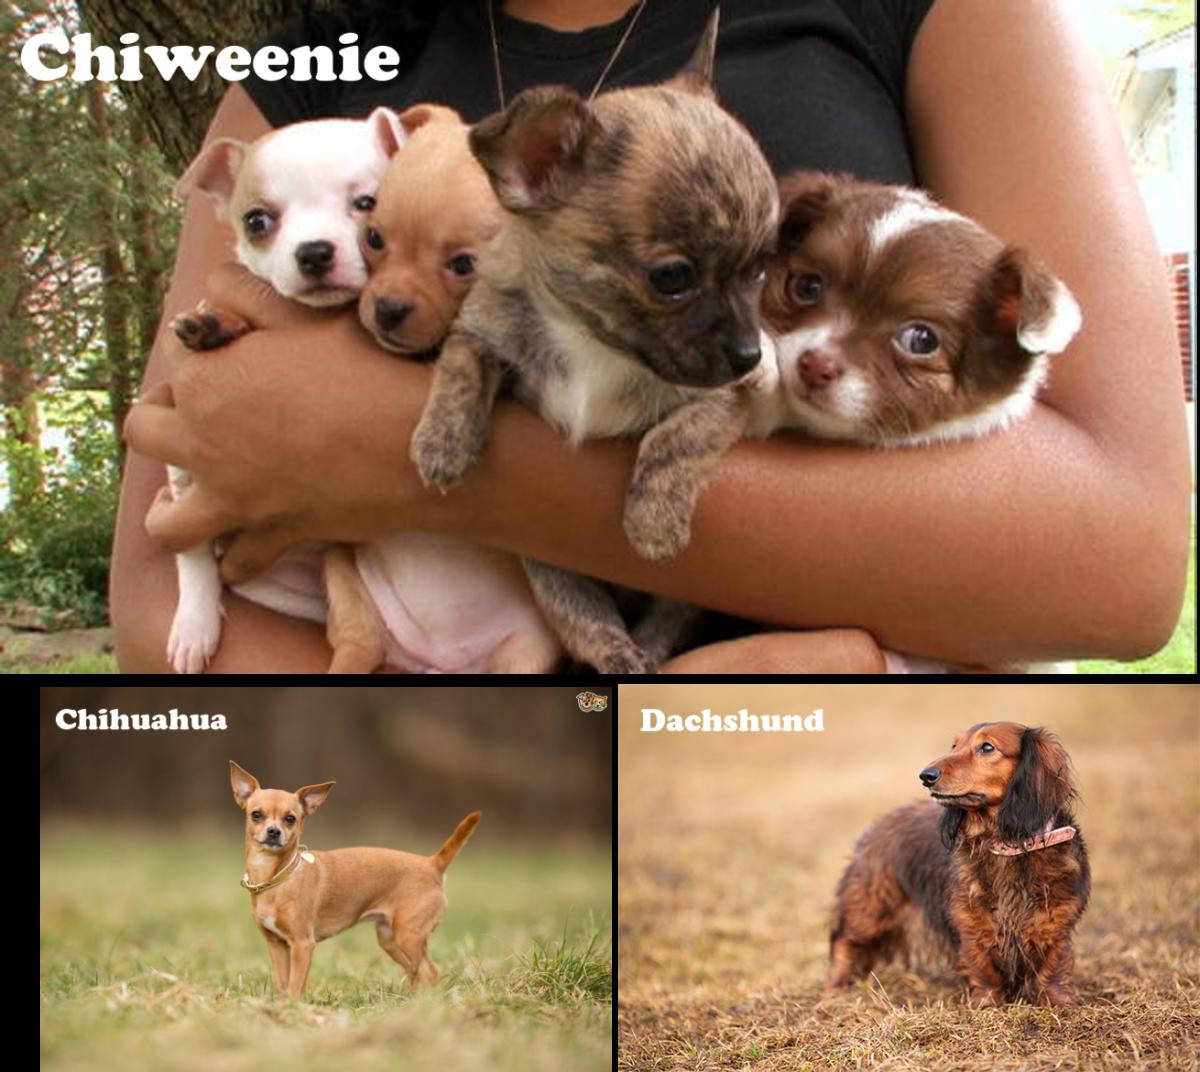 Chiweenie, Chihuahua and Dachshund mix